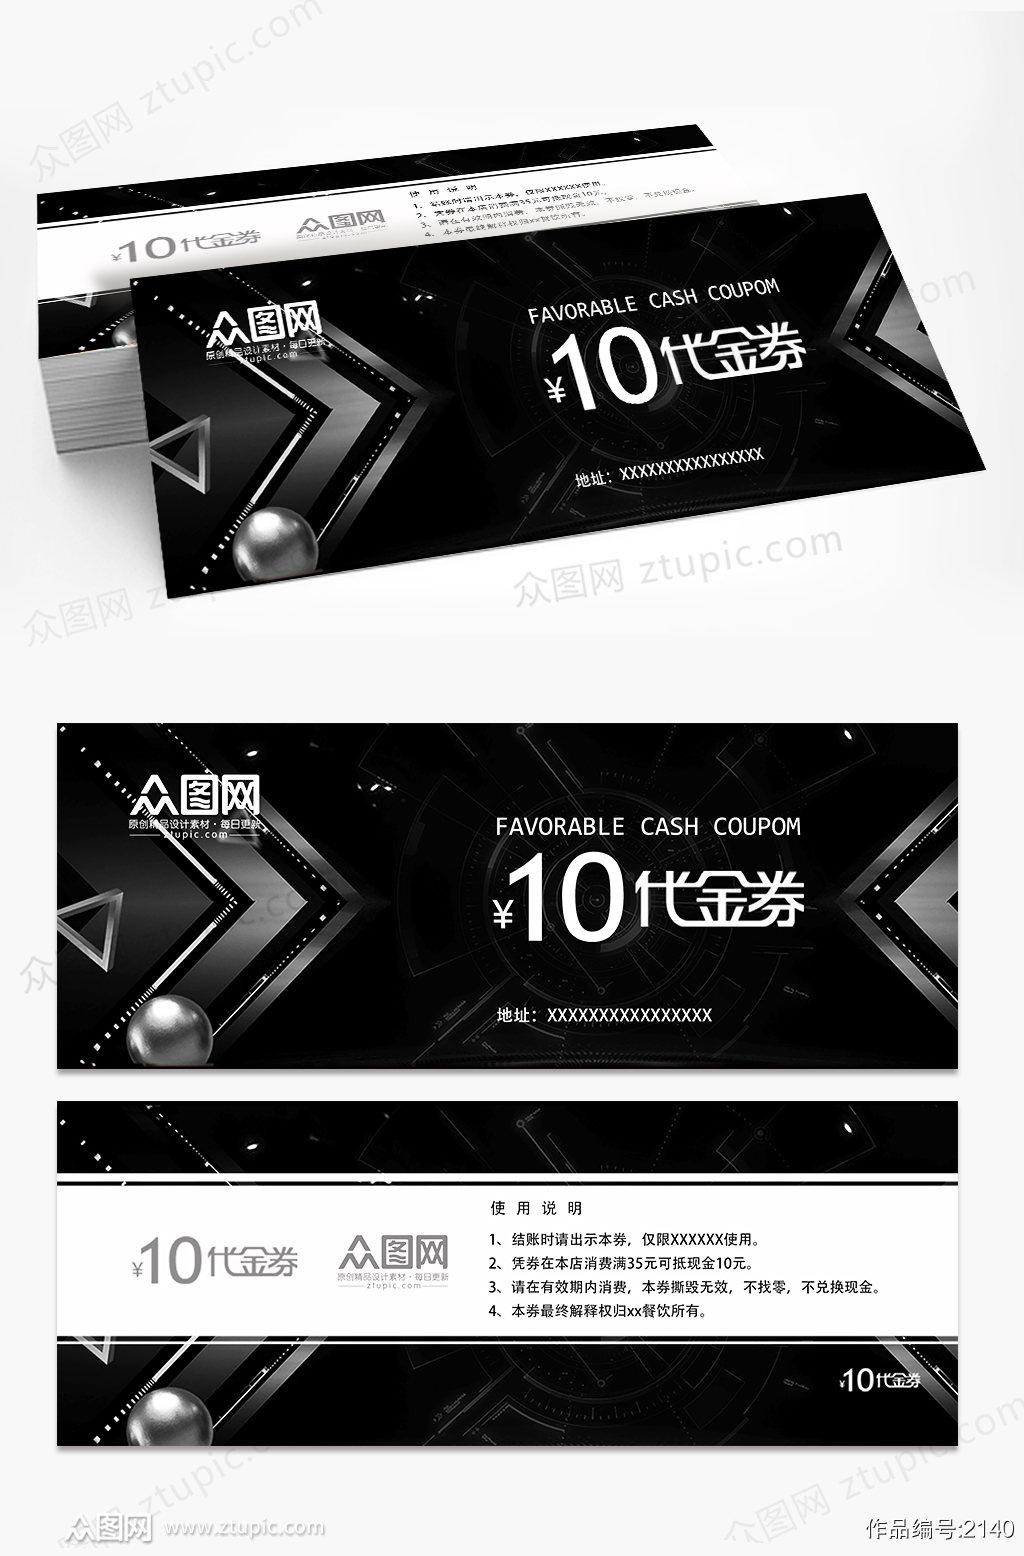 高端大气低调金属感黑色代金券企业优惠券设计素材